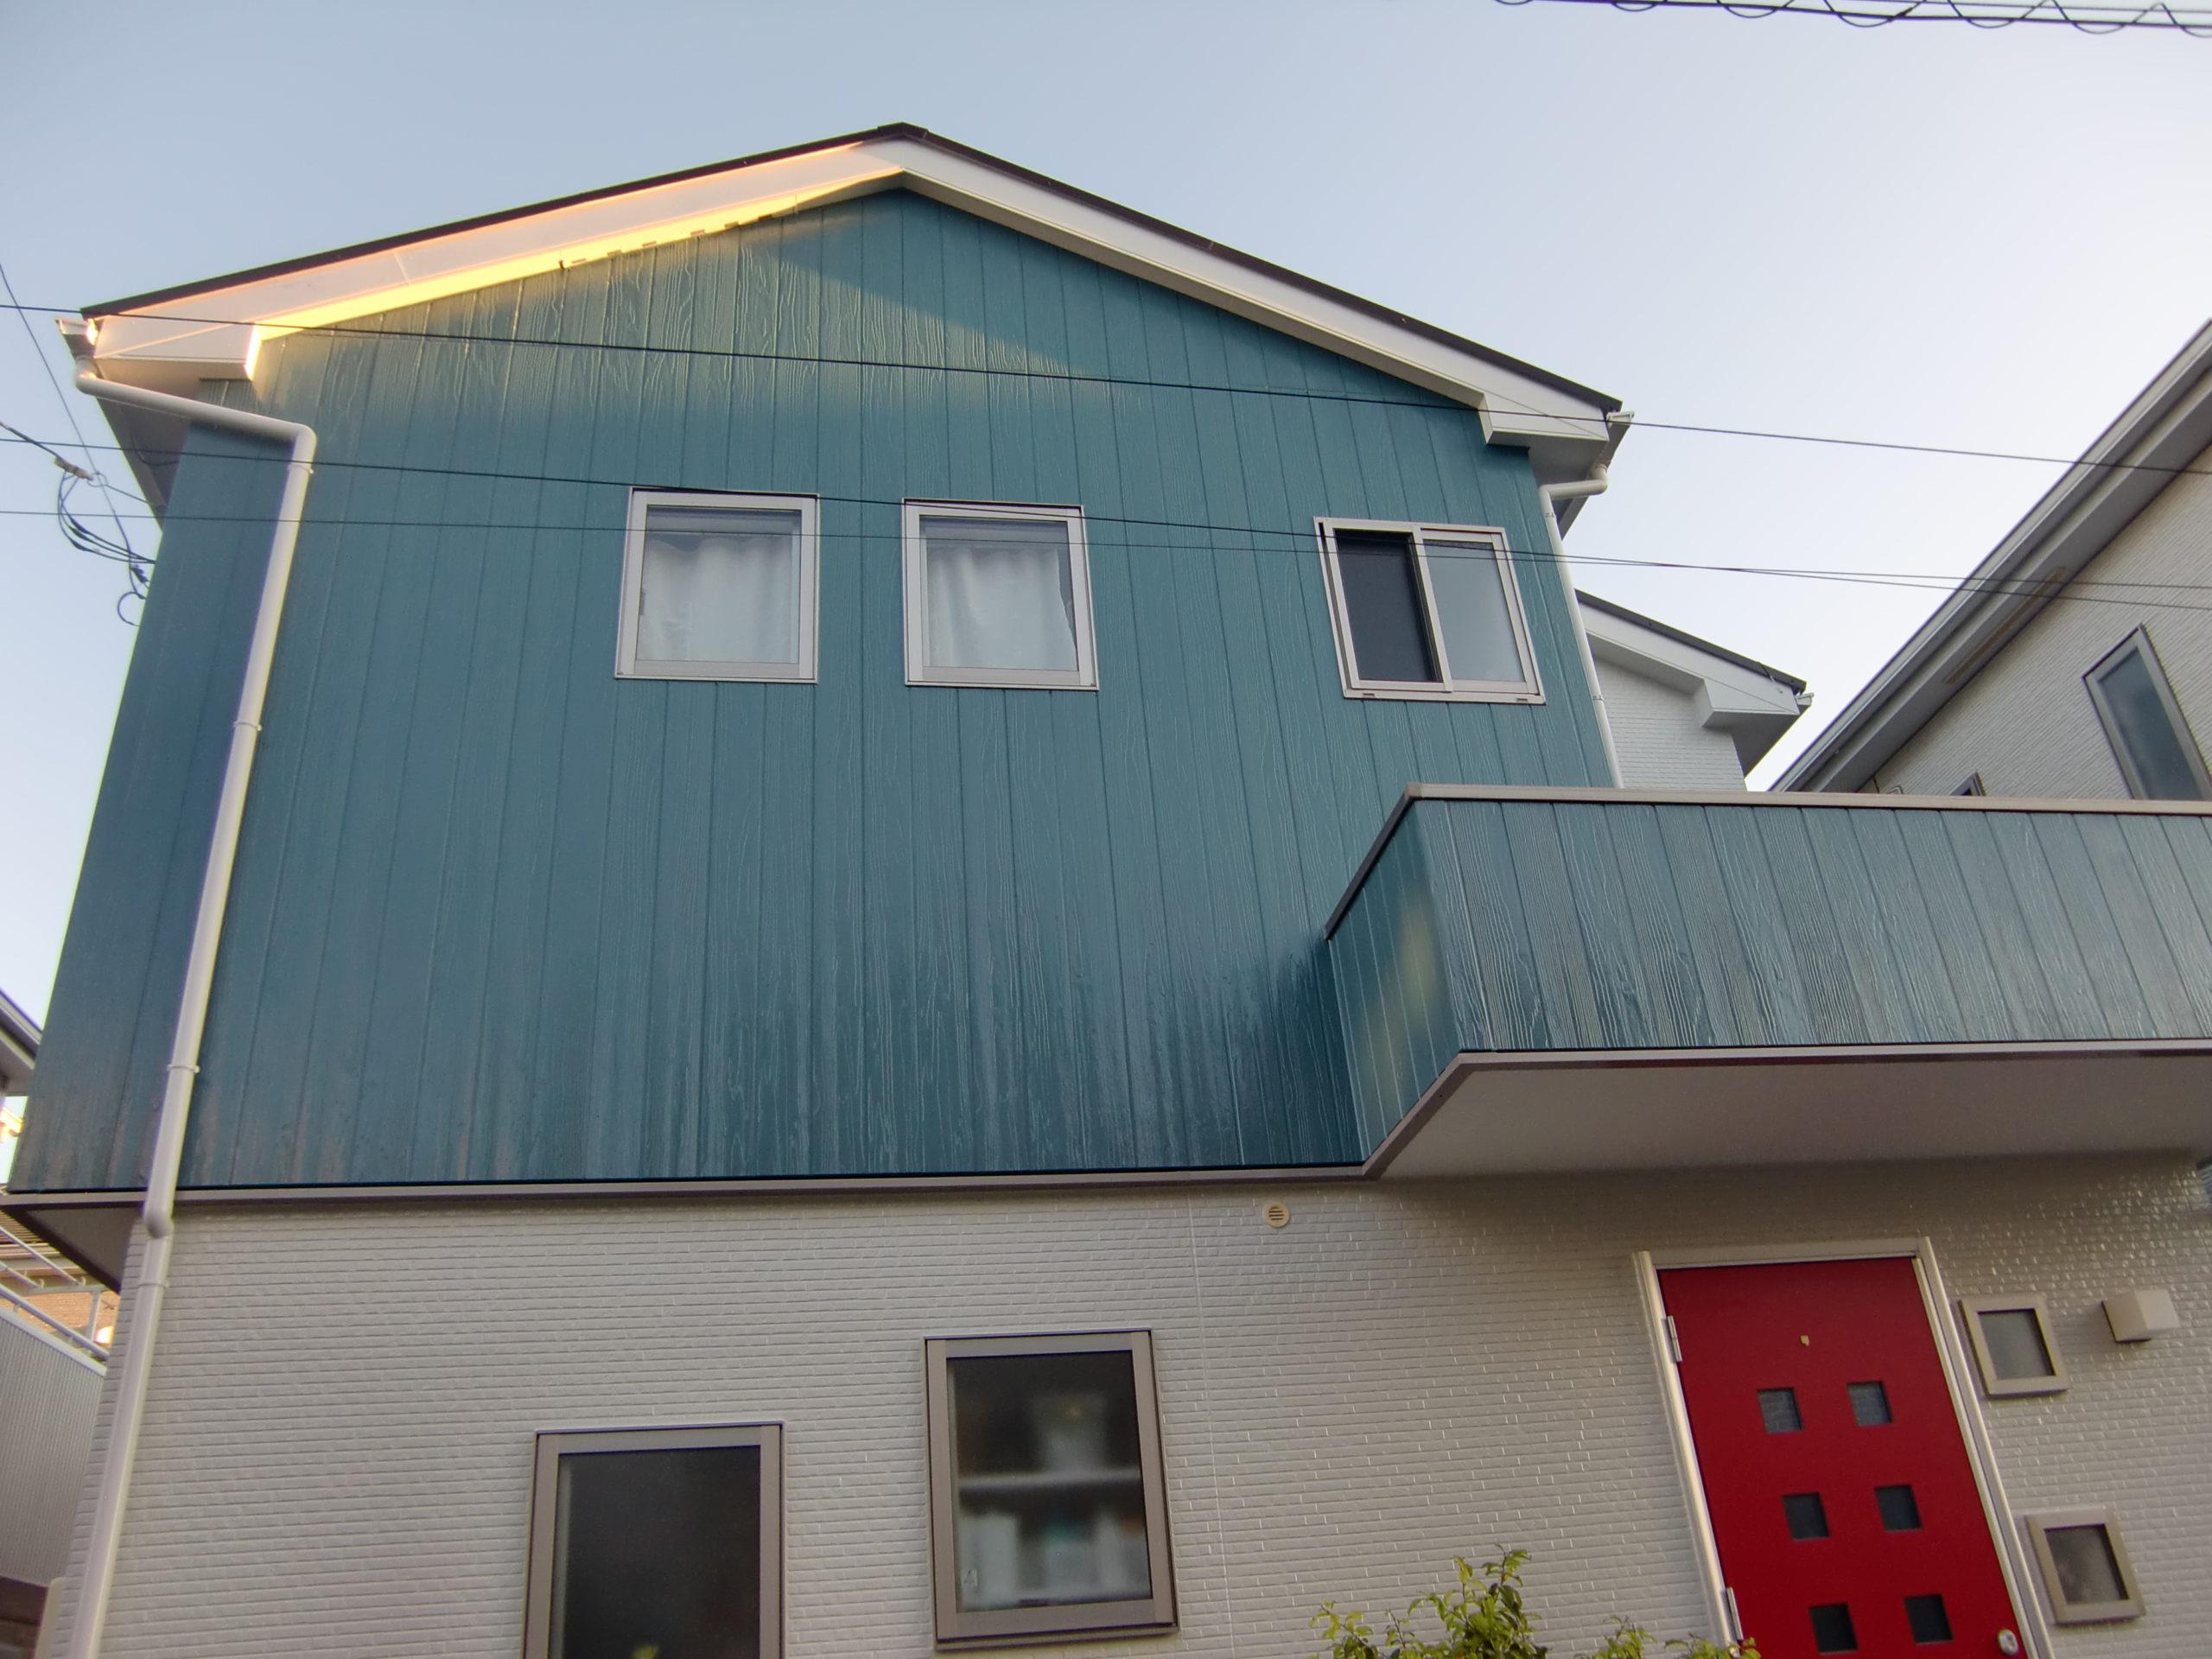 埼玉県 桶川市 外壁塗装 屋根塗装 N様邸   ケイナスホーム 埼玉 1